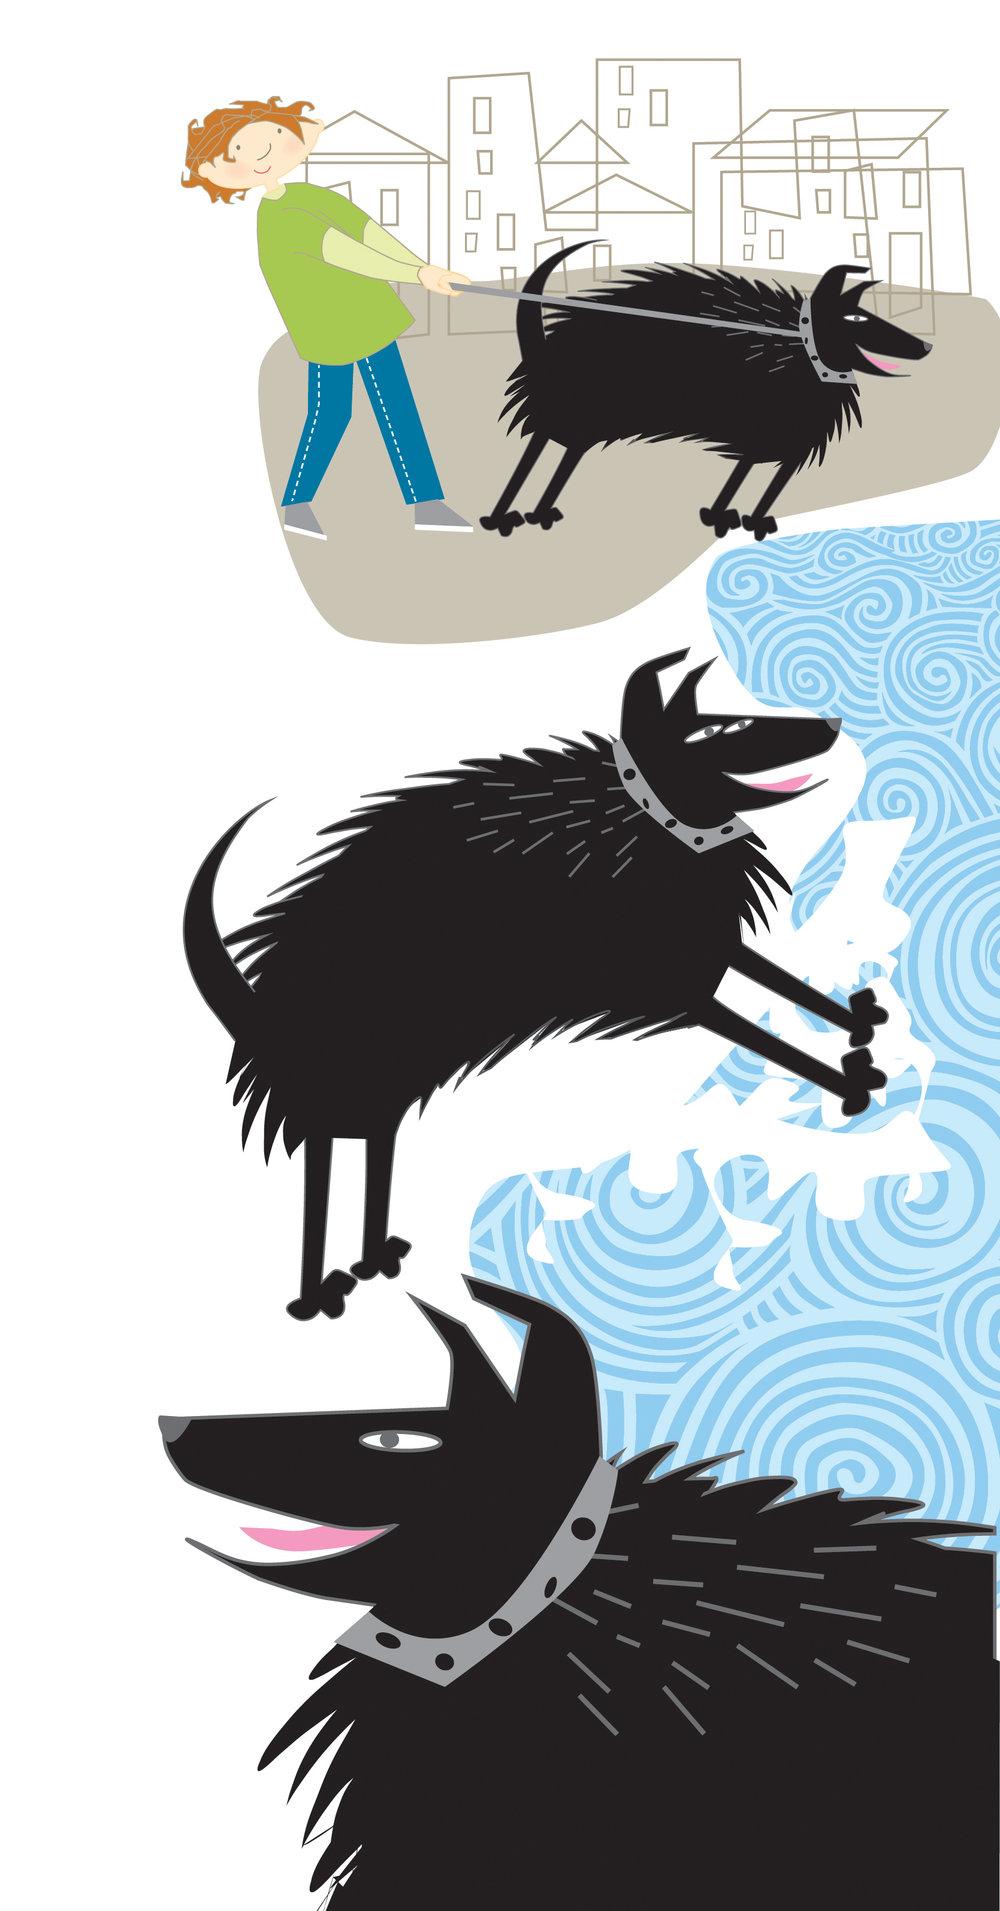 pnd_kahn the dog1.jpg